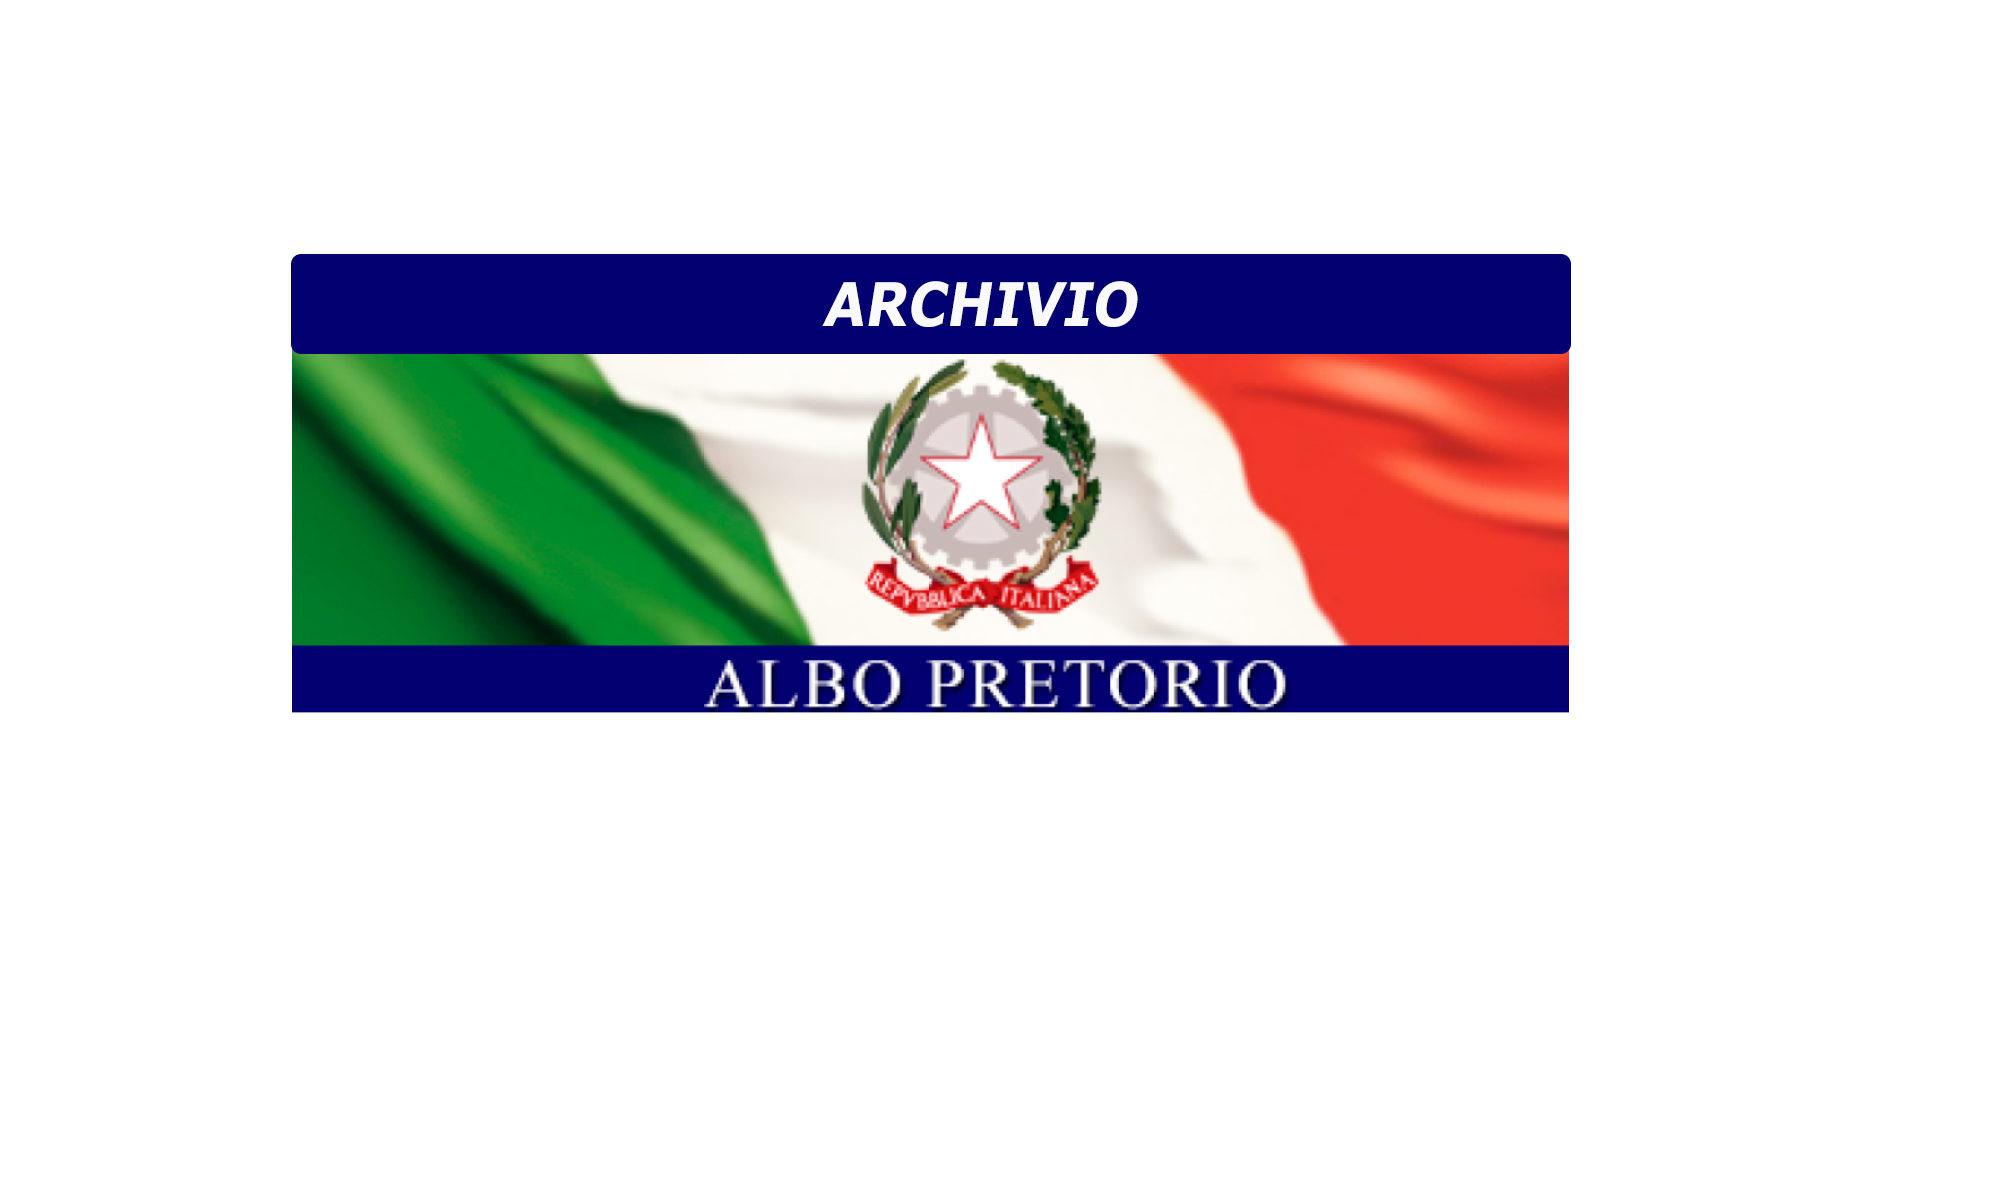 ARCHIVIO ALBO PRETORIO ONLINE